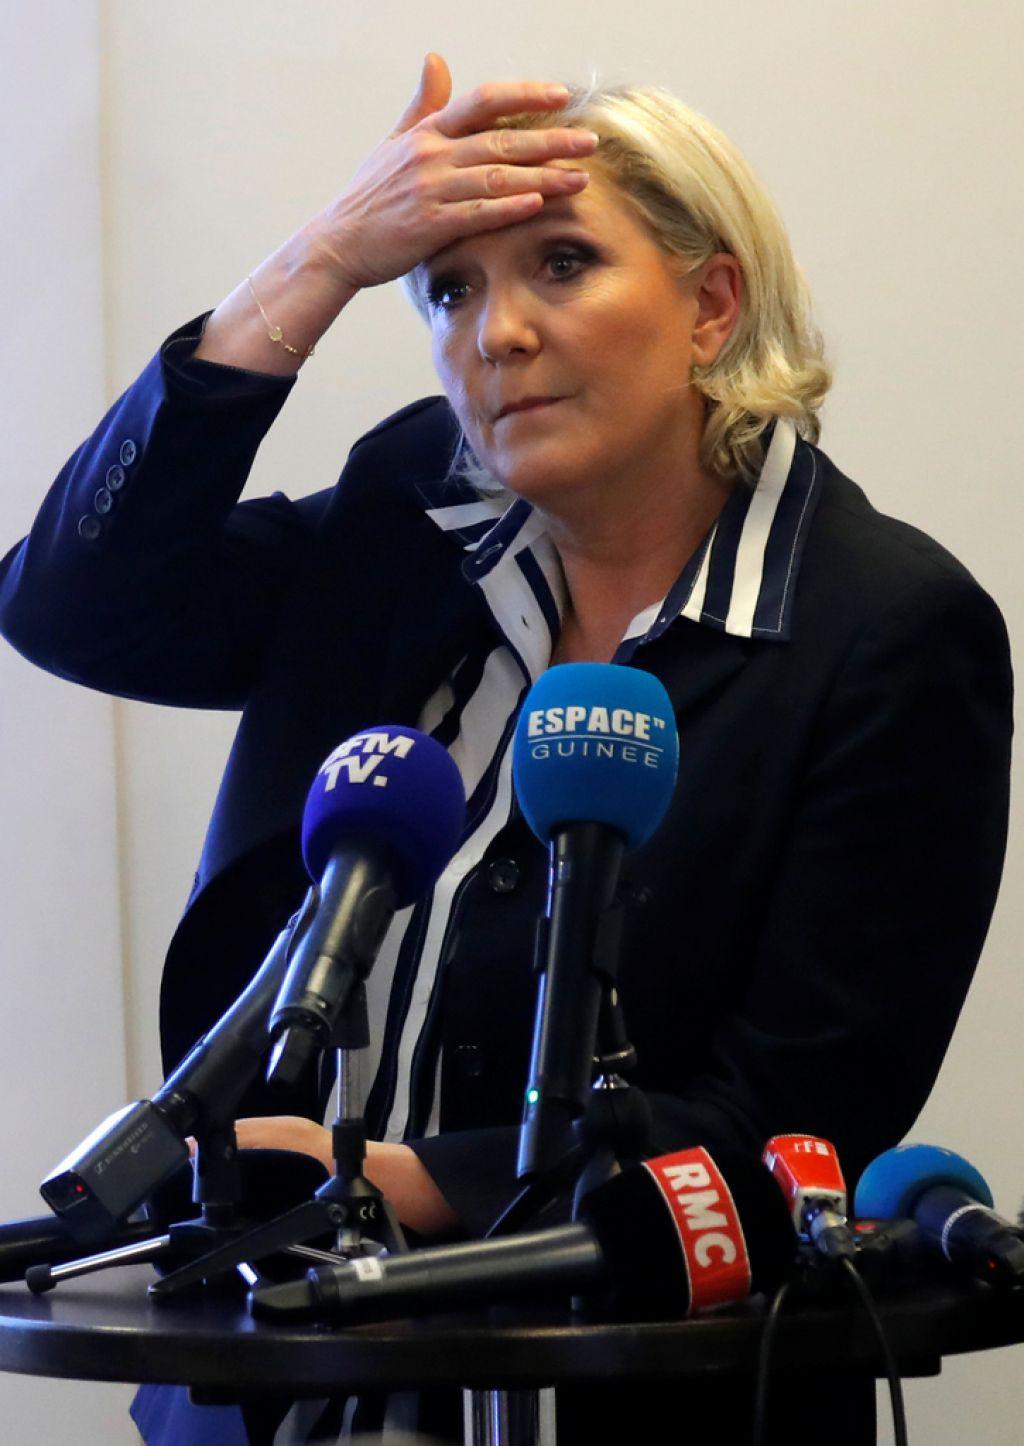 Le Penova: Pravzaprav je šlo za medijski trik